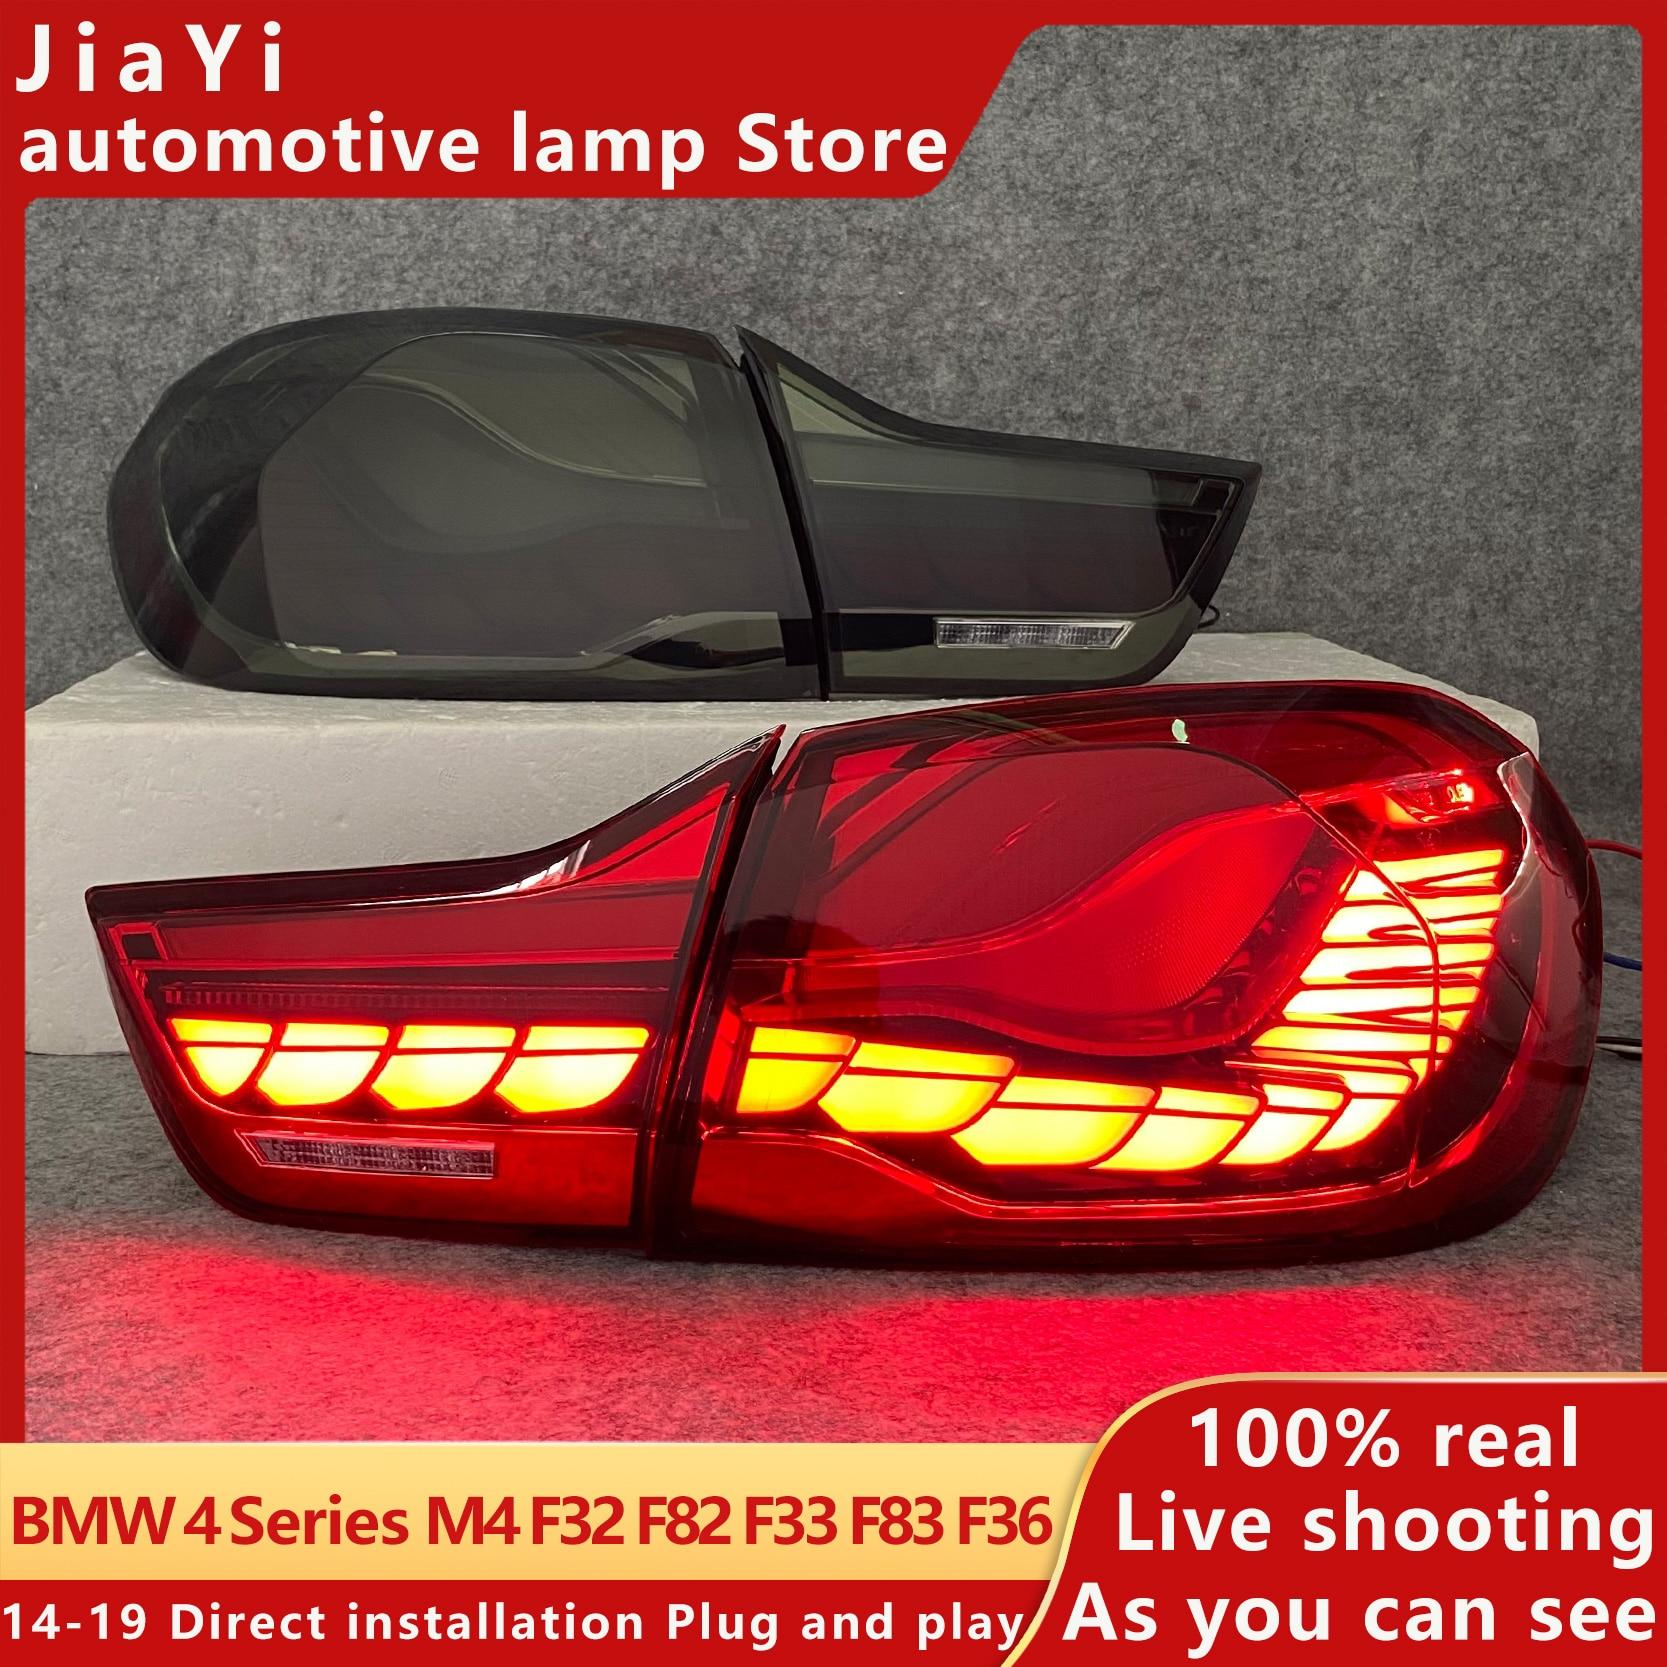 F82 хвост светильник BMW 4 серии 2014-2019 M4 хвост светильник GTS дизайн светодиодный фонарь светильник F32 F33 F83 F36 DRL сигнала светильник машинные части...